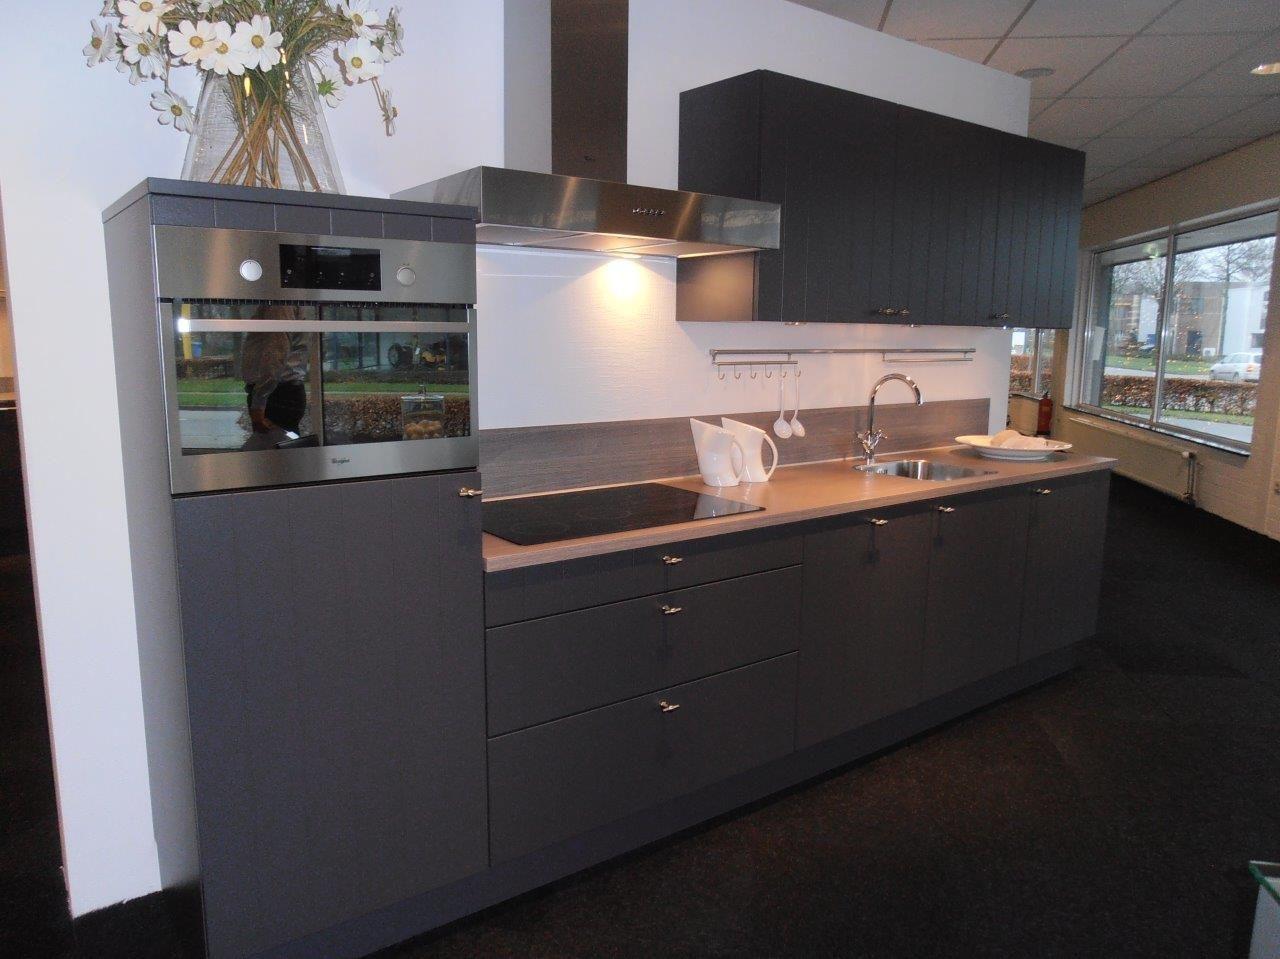 Landelijke Keuken Antraciet : lage keuken prijzen Rechte landelijke keuken in antraciet [50162